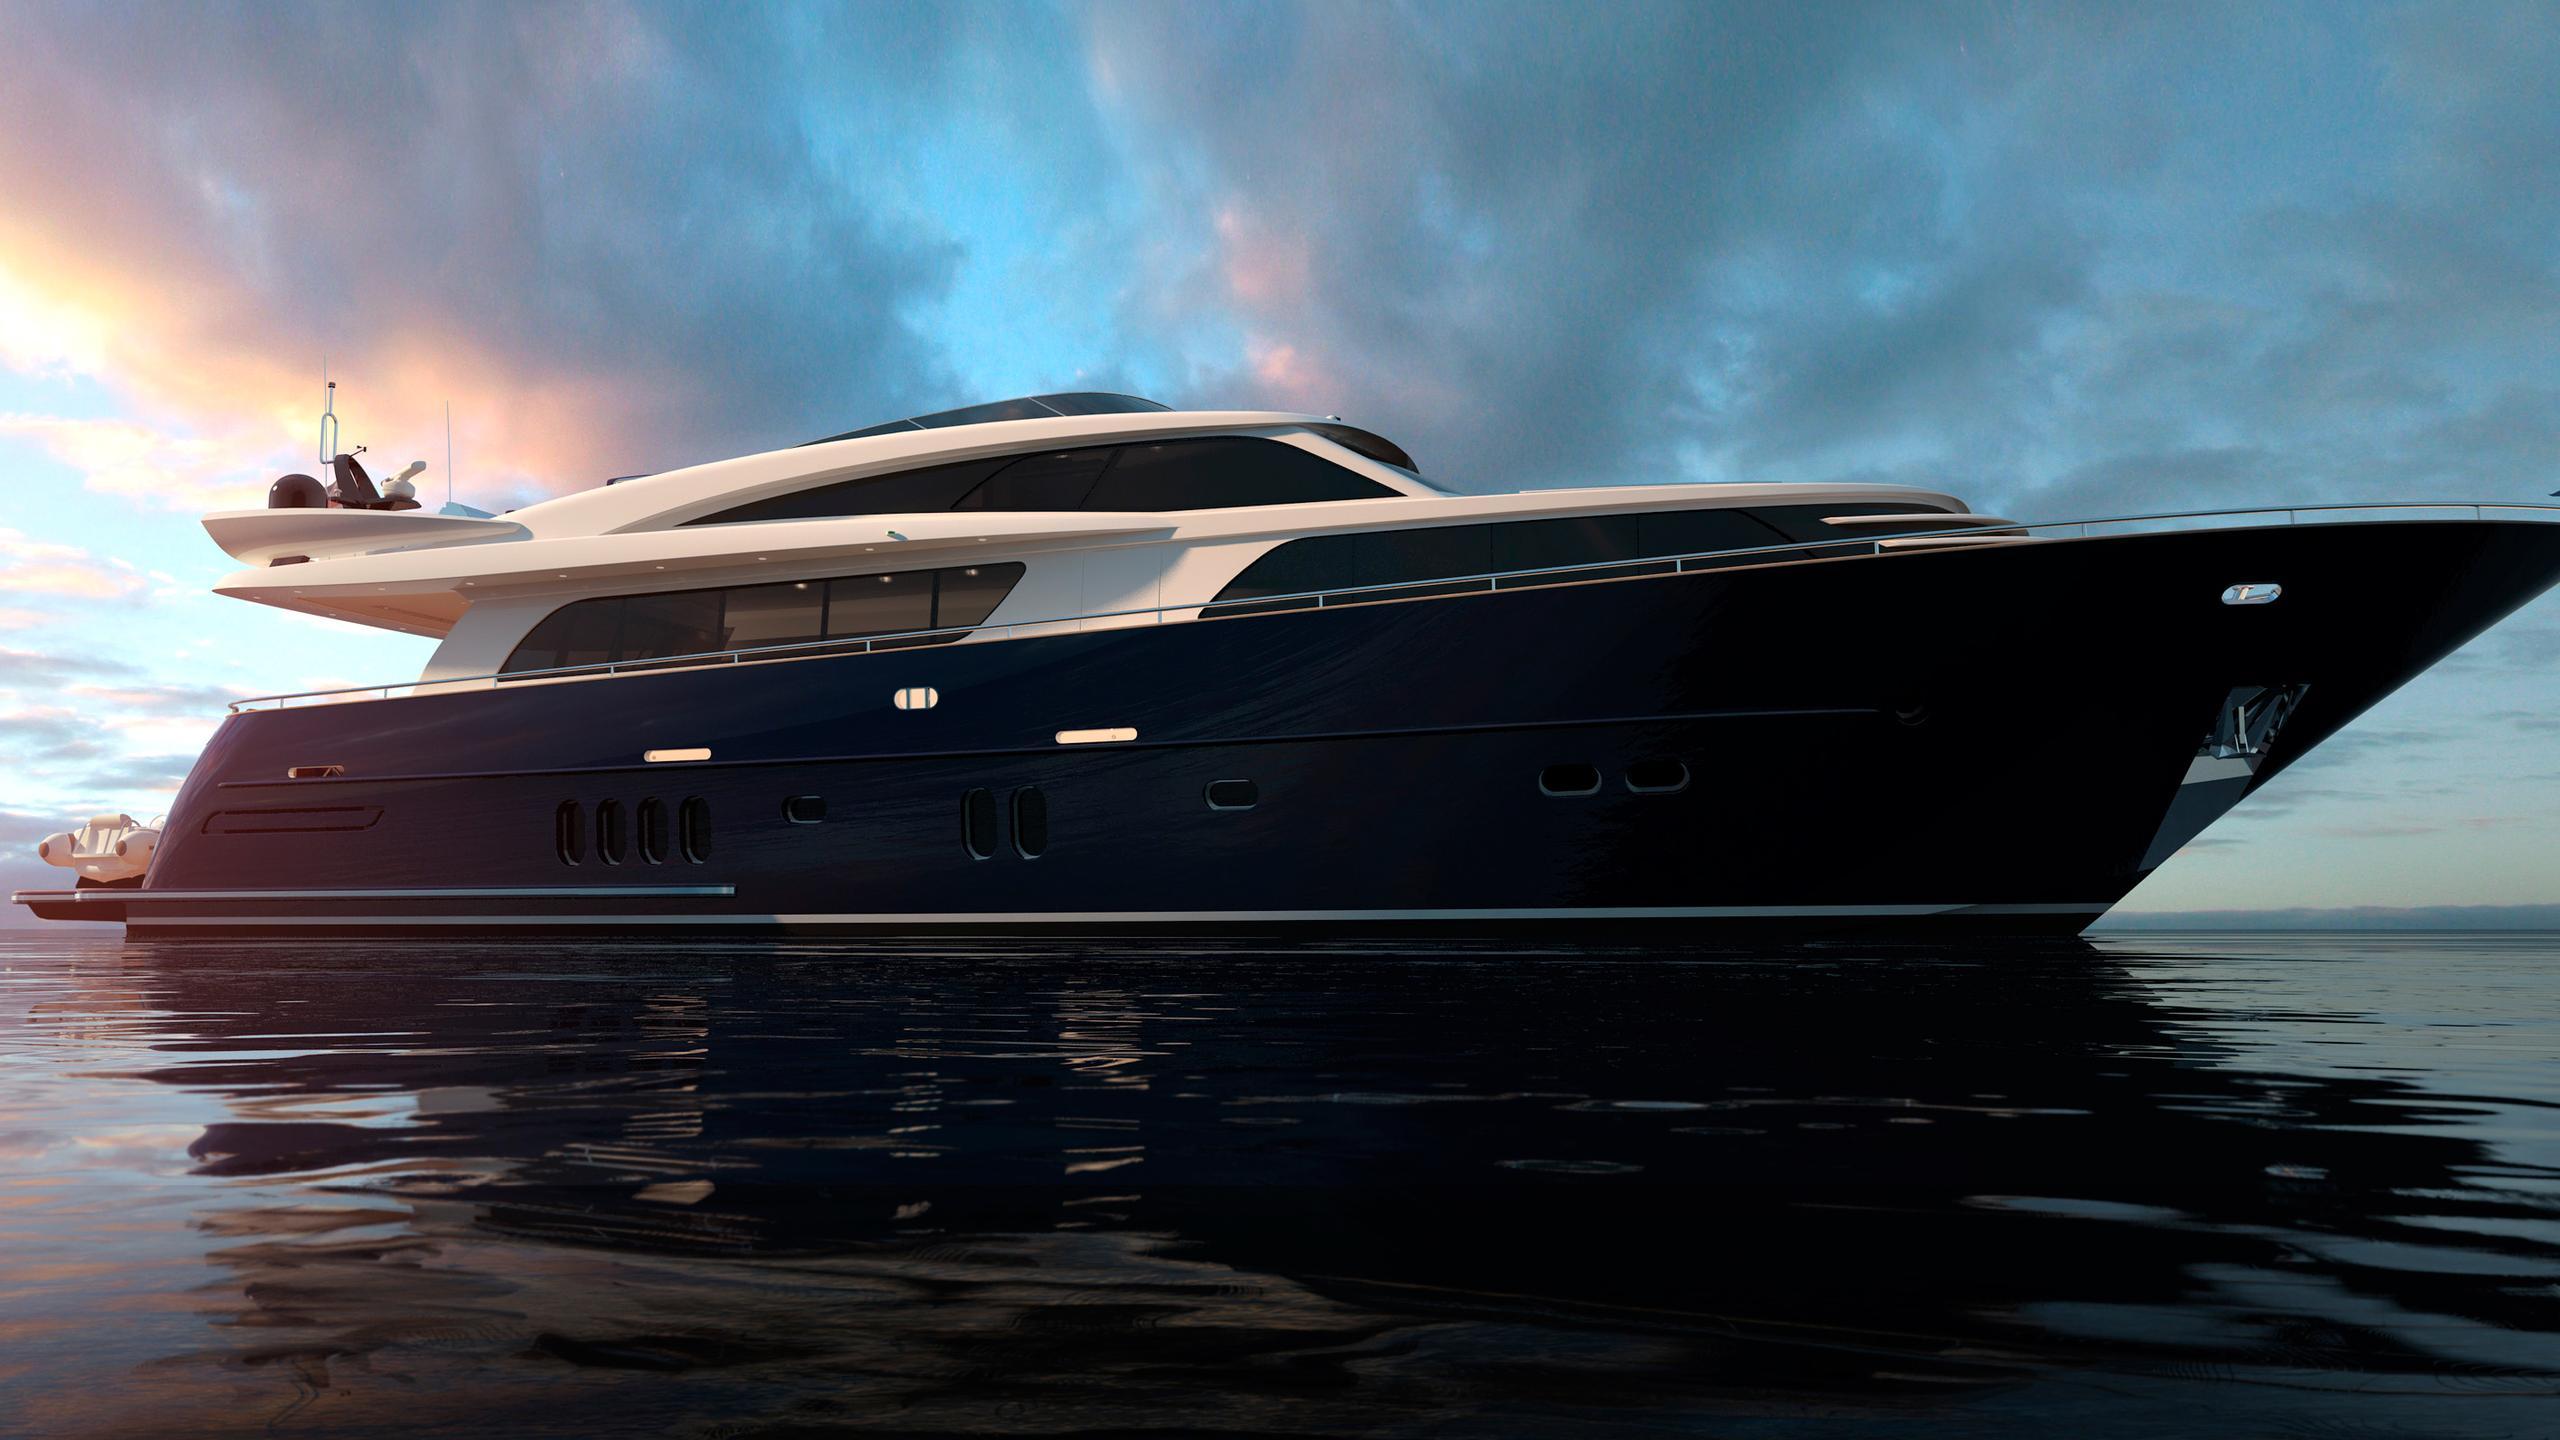 continental-three-03-van-der-valk-2016-26m-rendering-profile